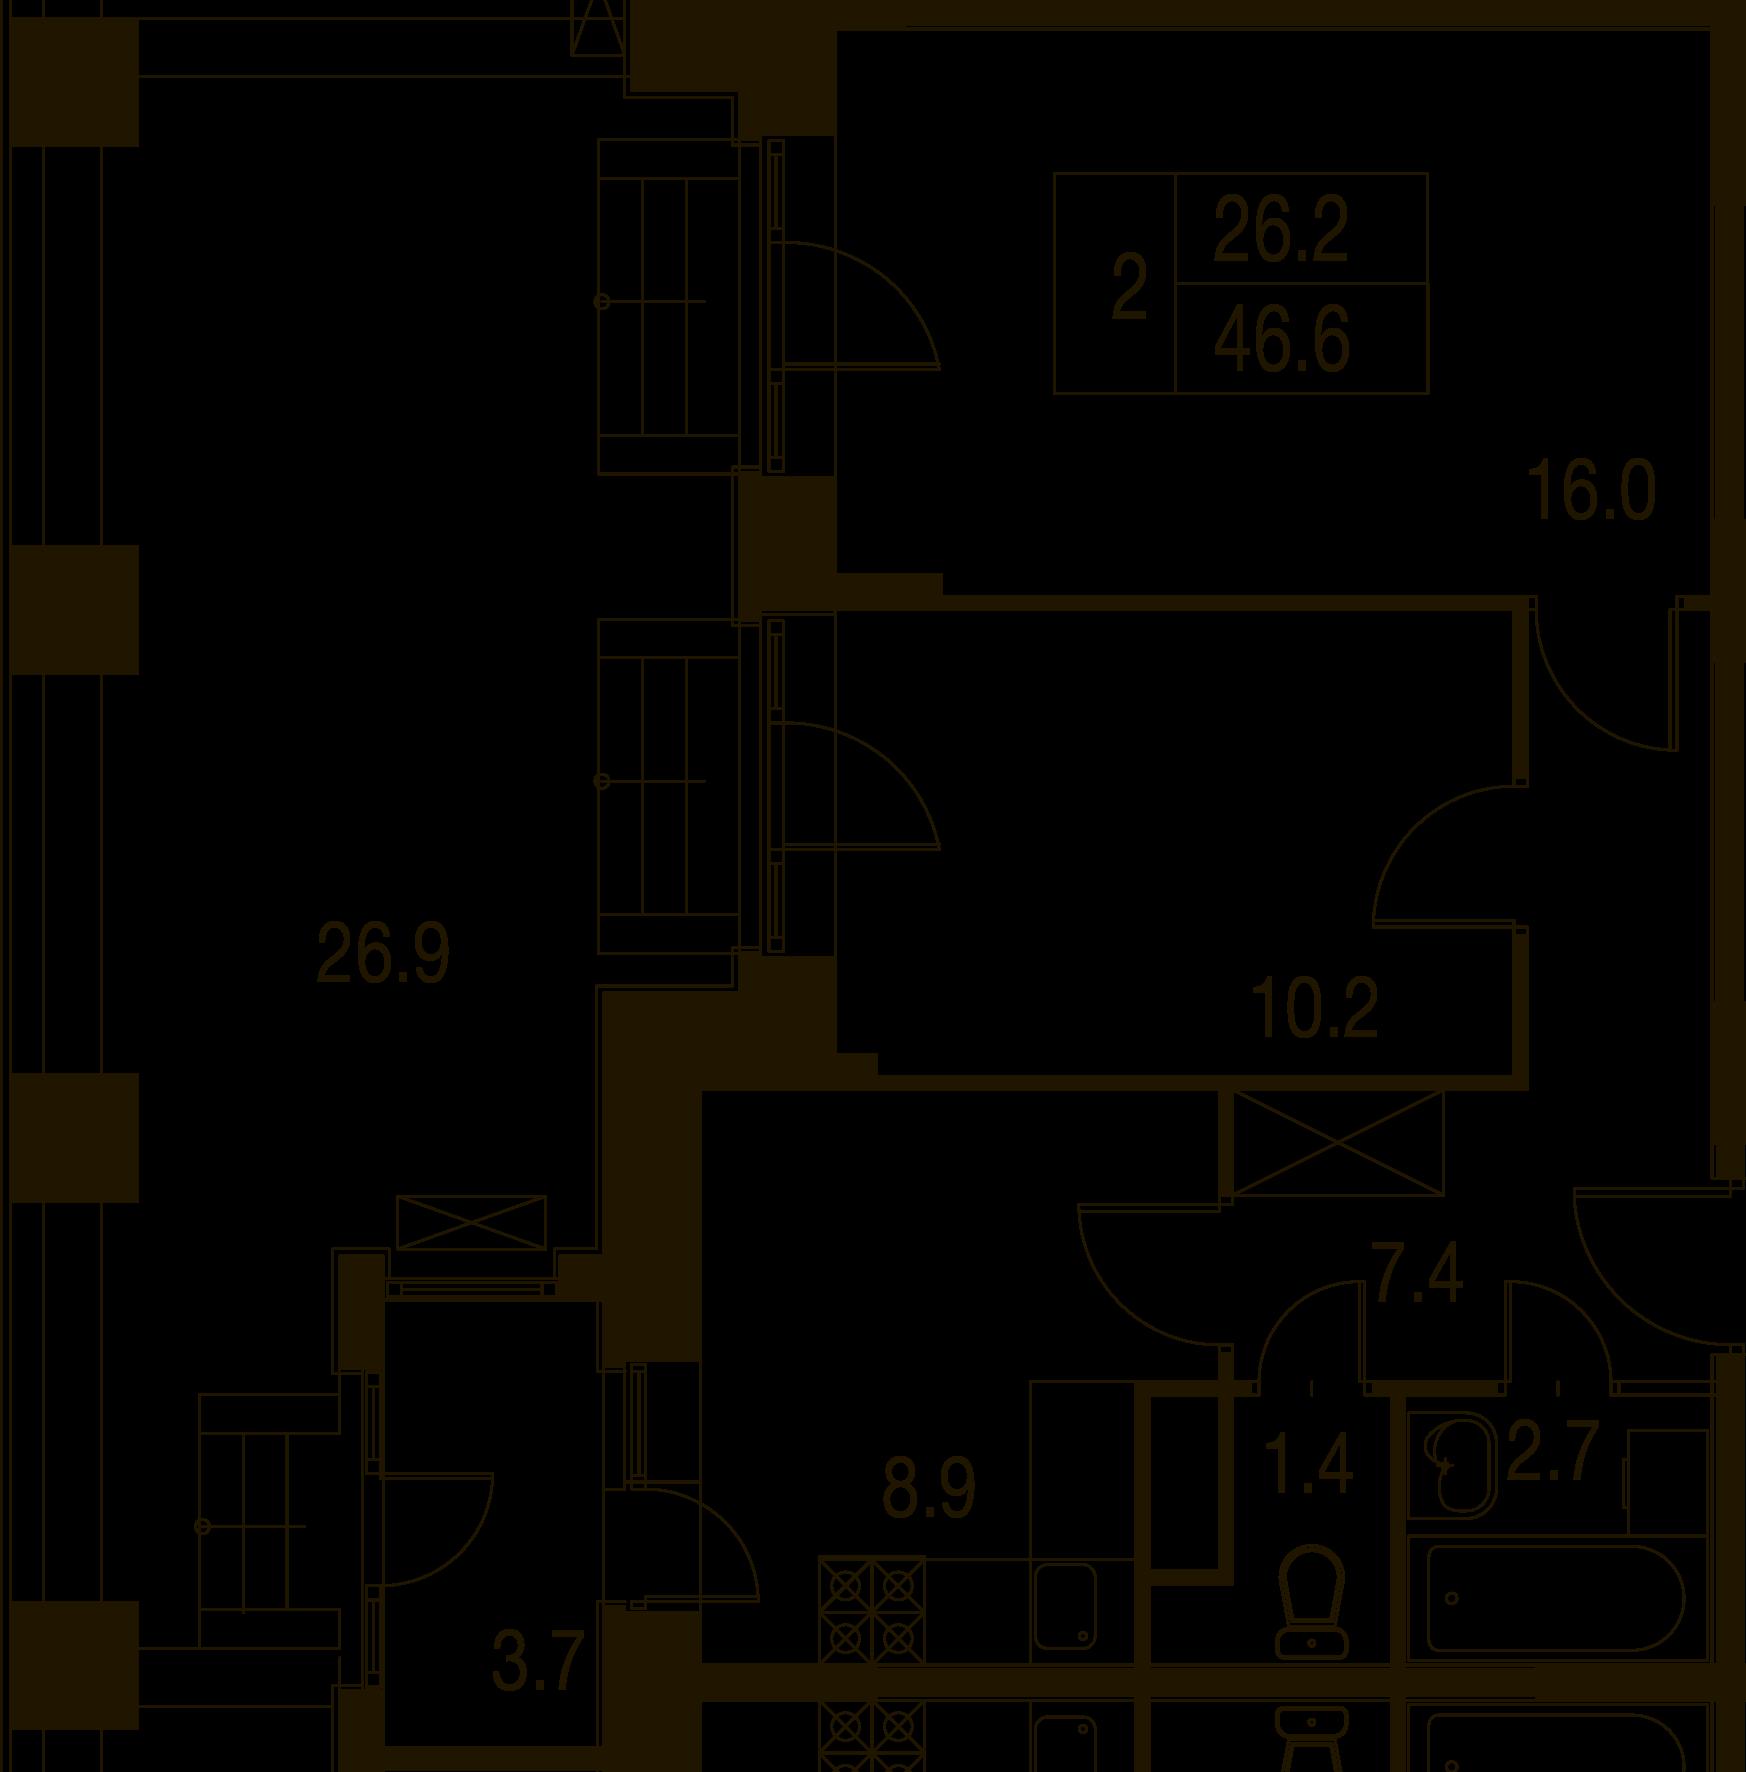 2-комнатная квартира в Митино О2, дом №7, квартира №07-435